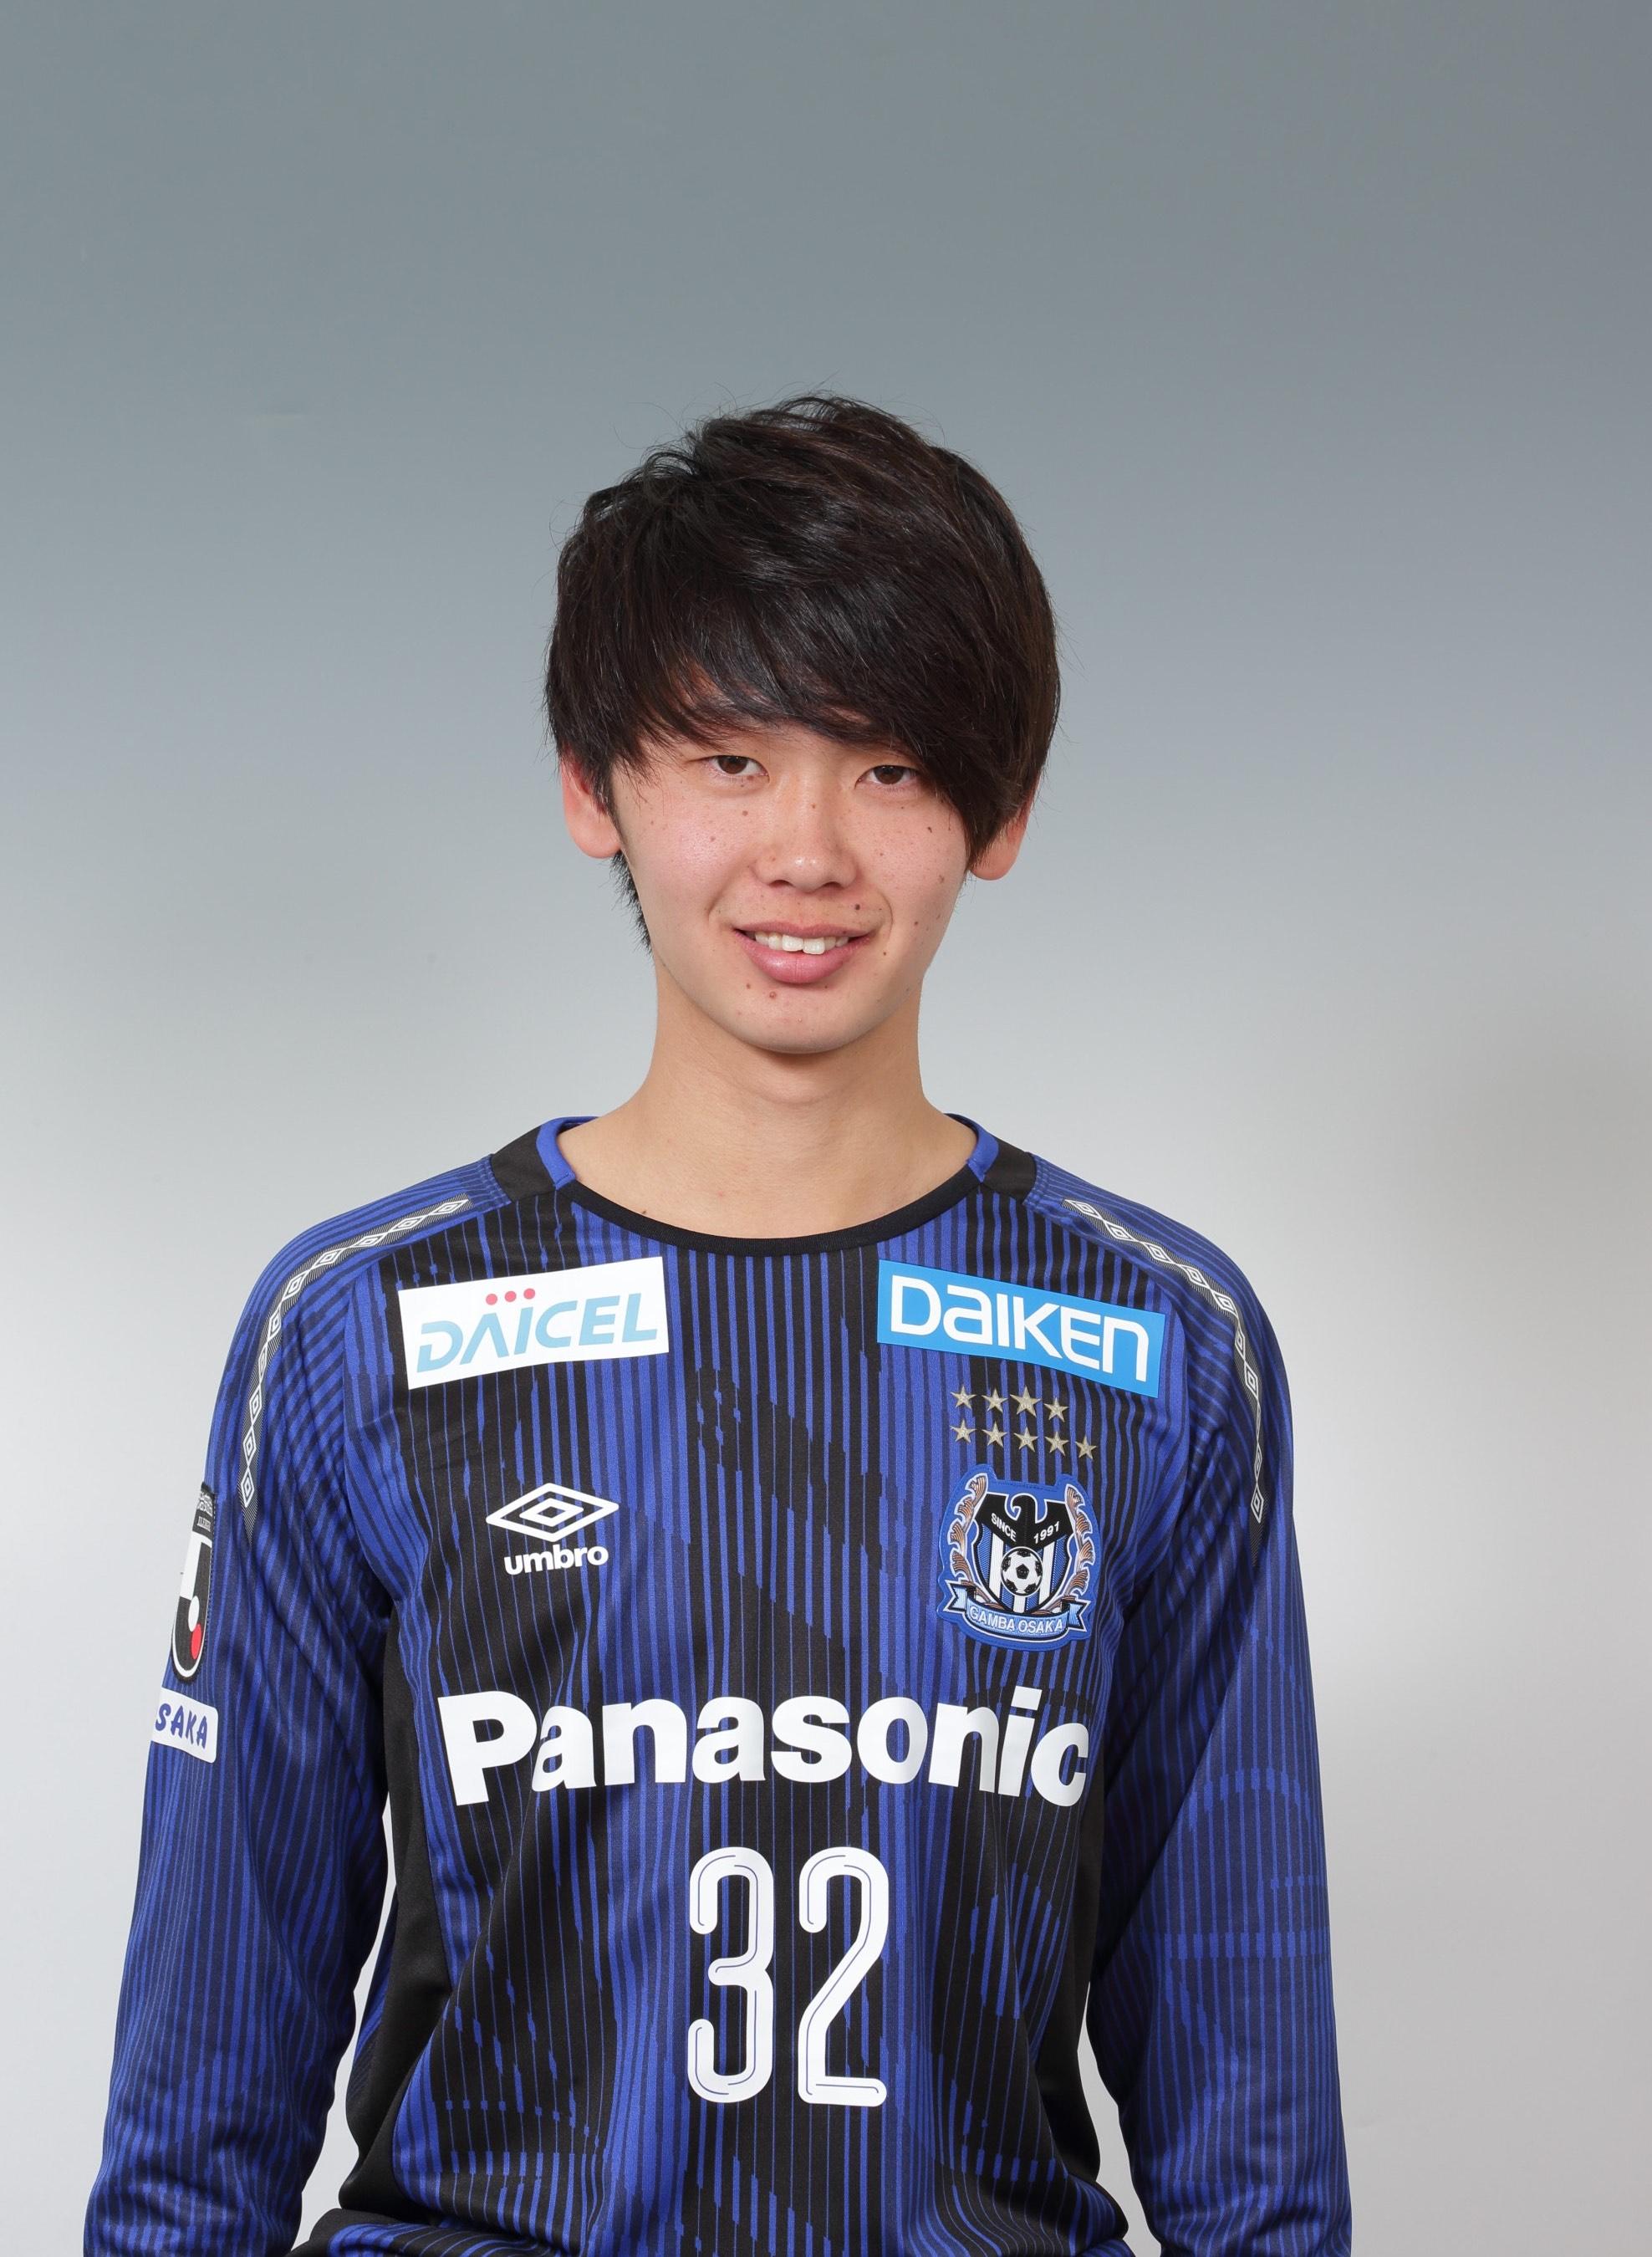 【本人直筆サイン入り公式】ガンバ大阪ユニフォーム2019HOME 芝本蓮 選手